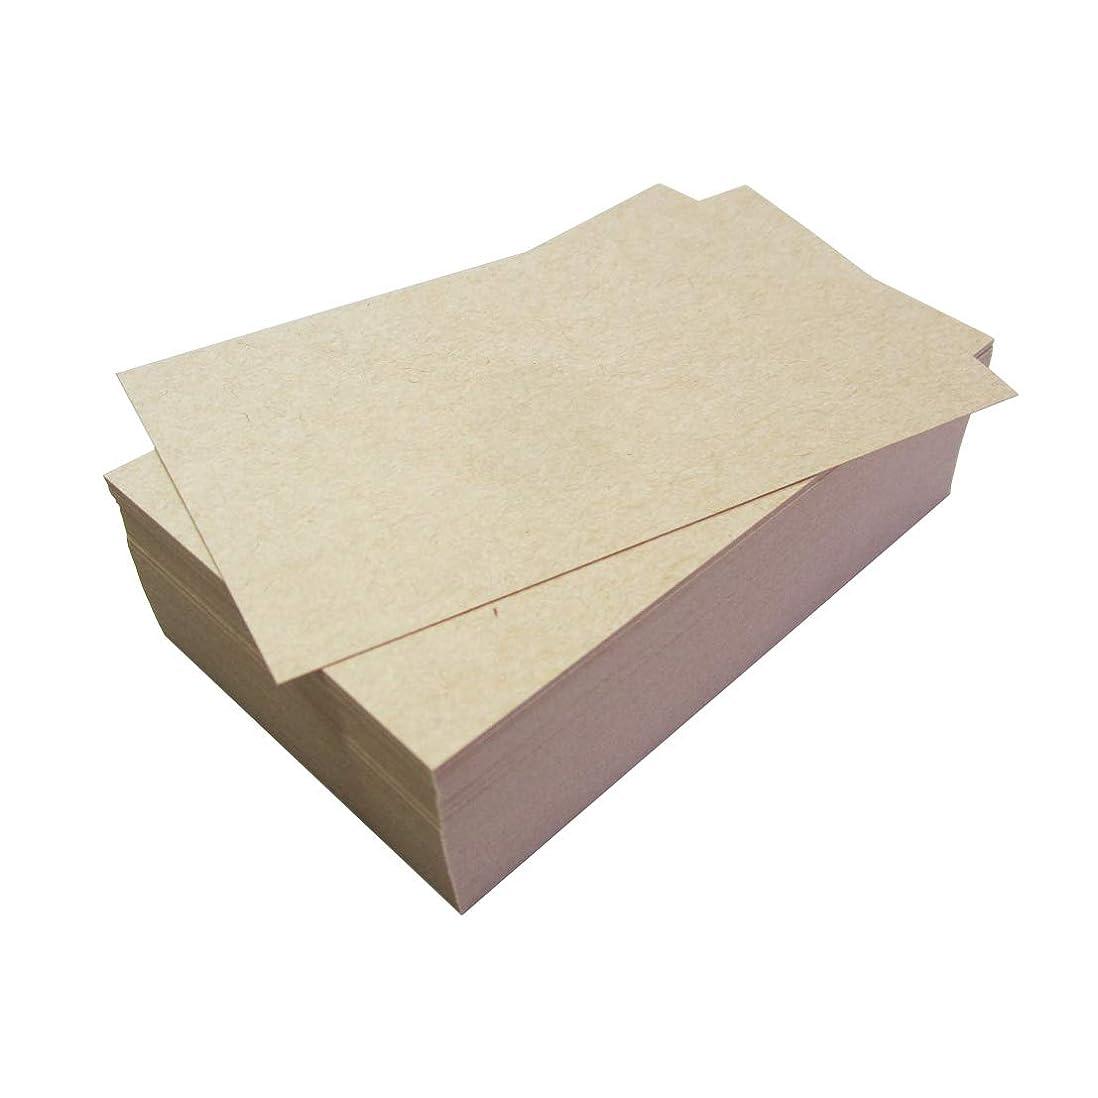 等技術者円周メッセージカード 厚手クラフト紙 名刺サイズ 無地 100枚 用紙色:薄茶色 PP製箱入